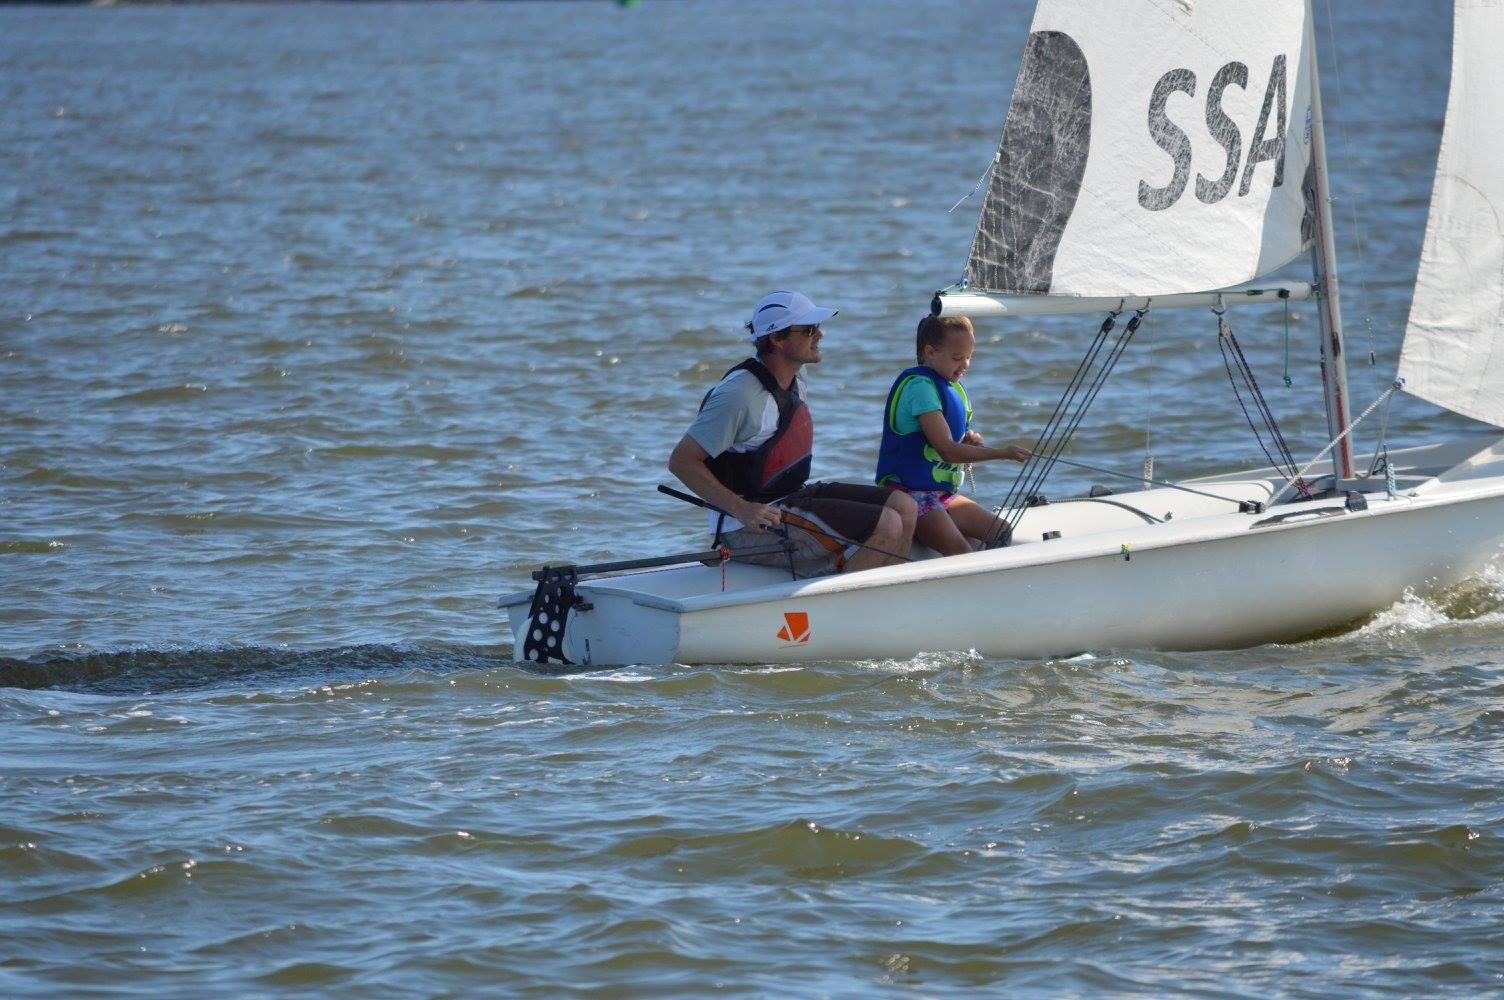 Olivia's Team Race Regatta photo (facebook.com/OliviaConstantsRegatta)